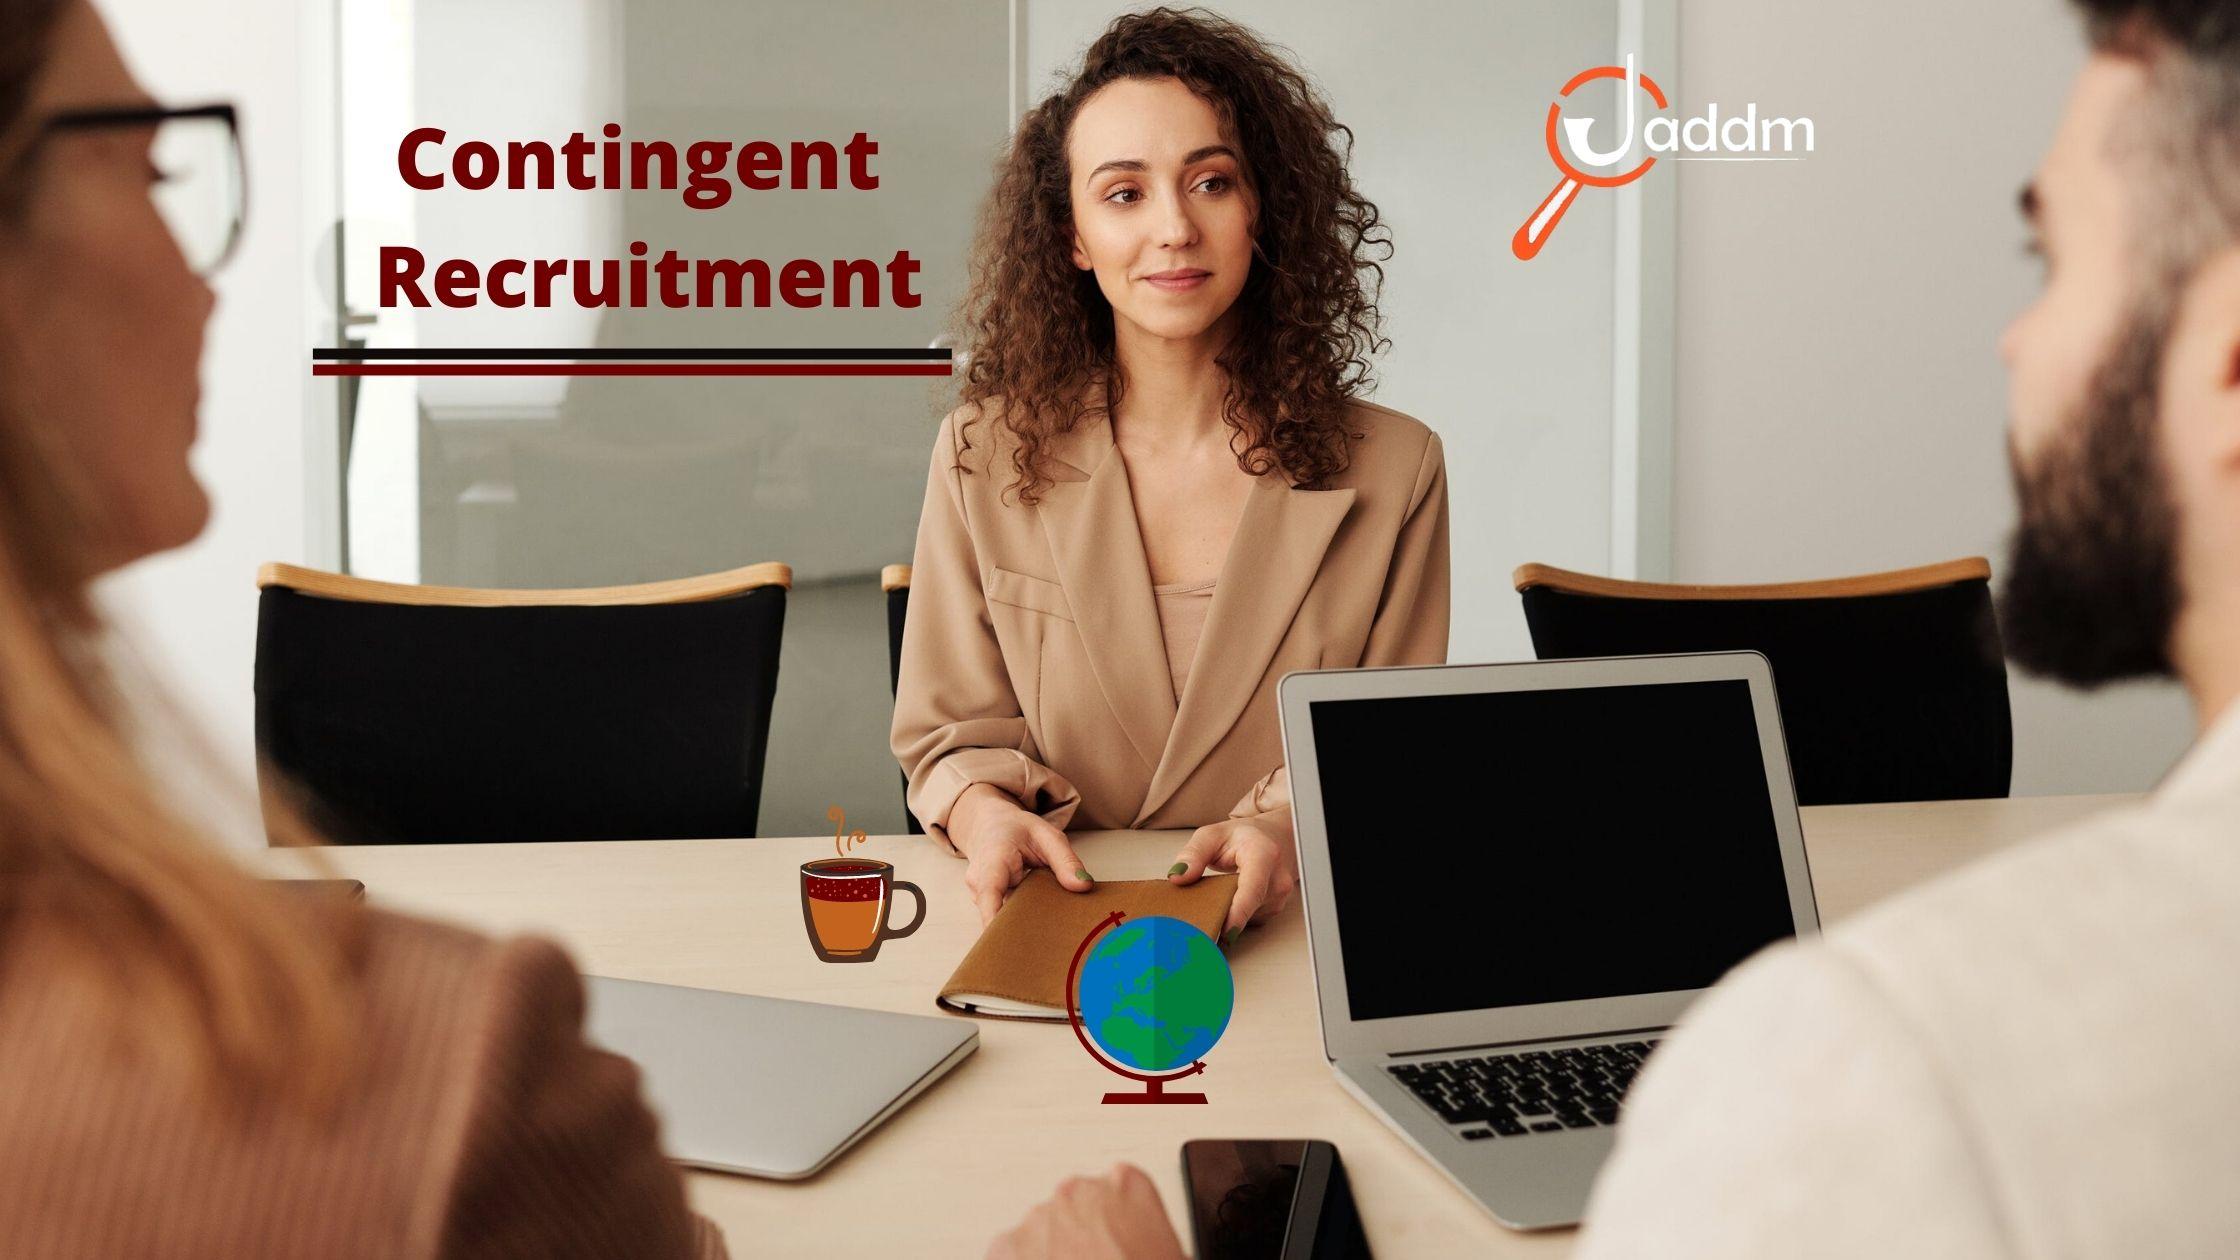 Contingent Recruitment